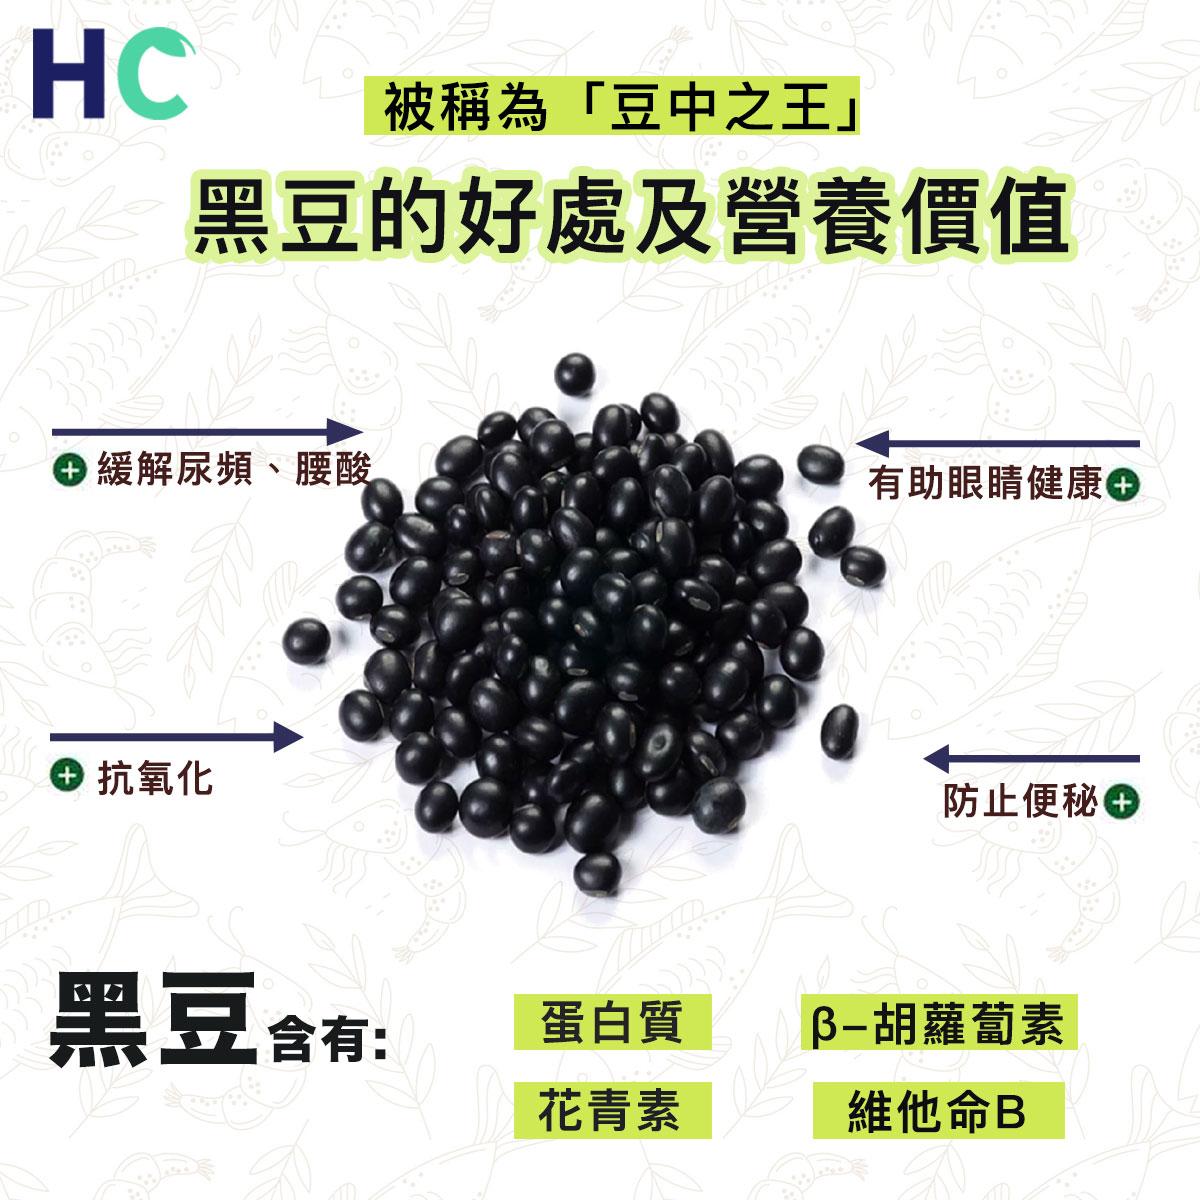 【營養食物】黑豆的好處及營養價值